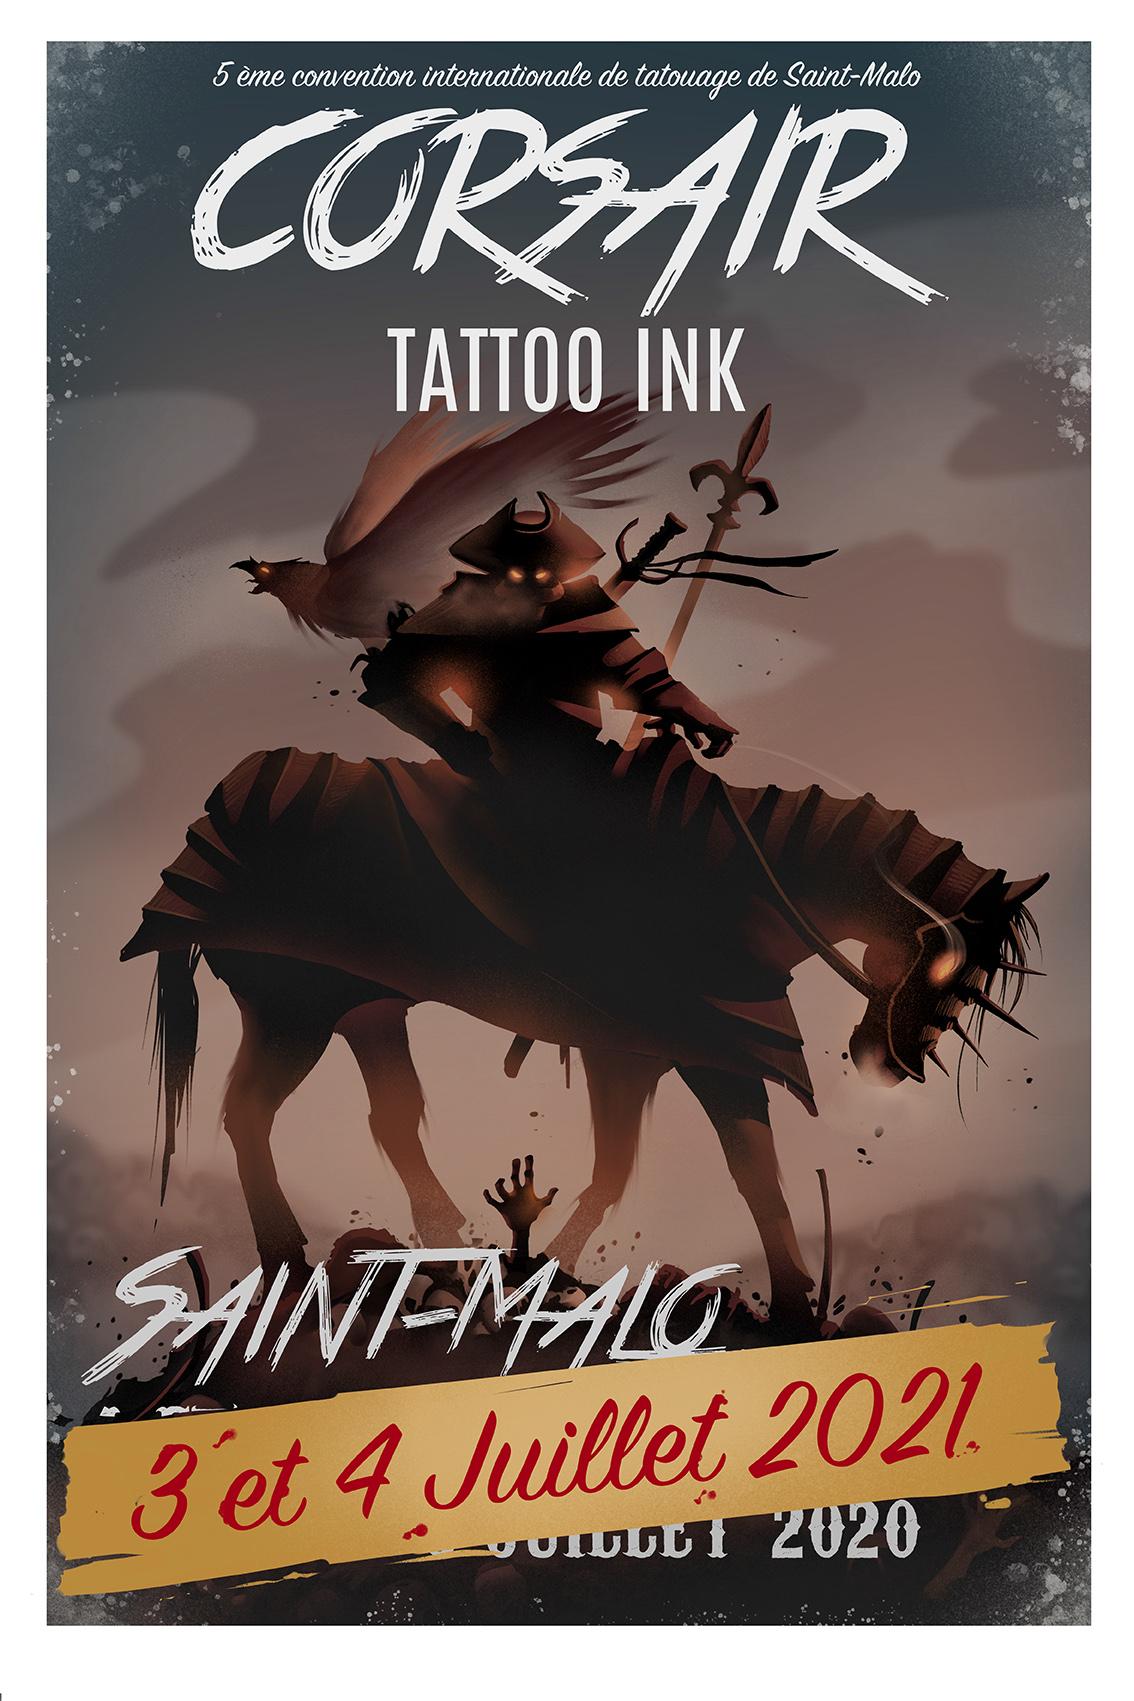 Calendrier Convention Tatouage 2022 Une convention de tatouage unique à Saint Malo   Corsair Tattoo Ink